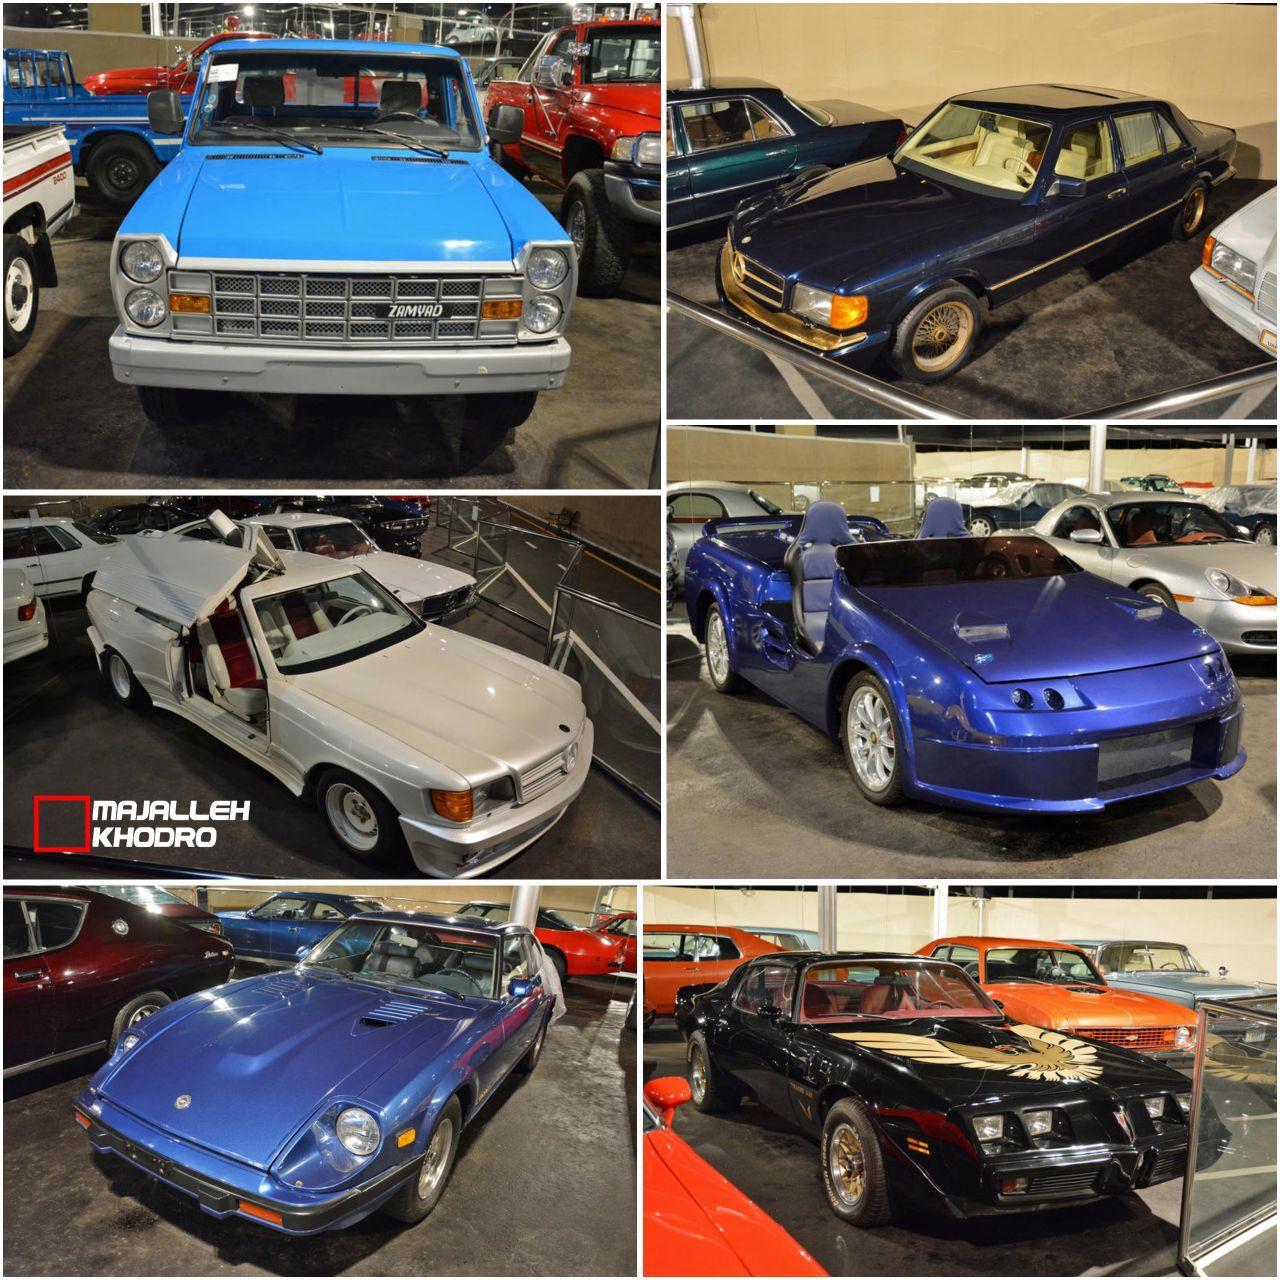 (عکس) نیسان آبی در کلکسیون ماشینهای شخصی شیخ اماراتی!